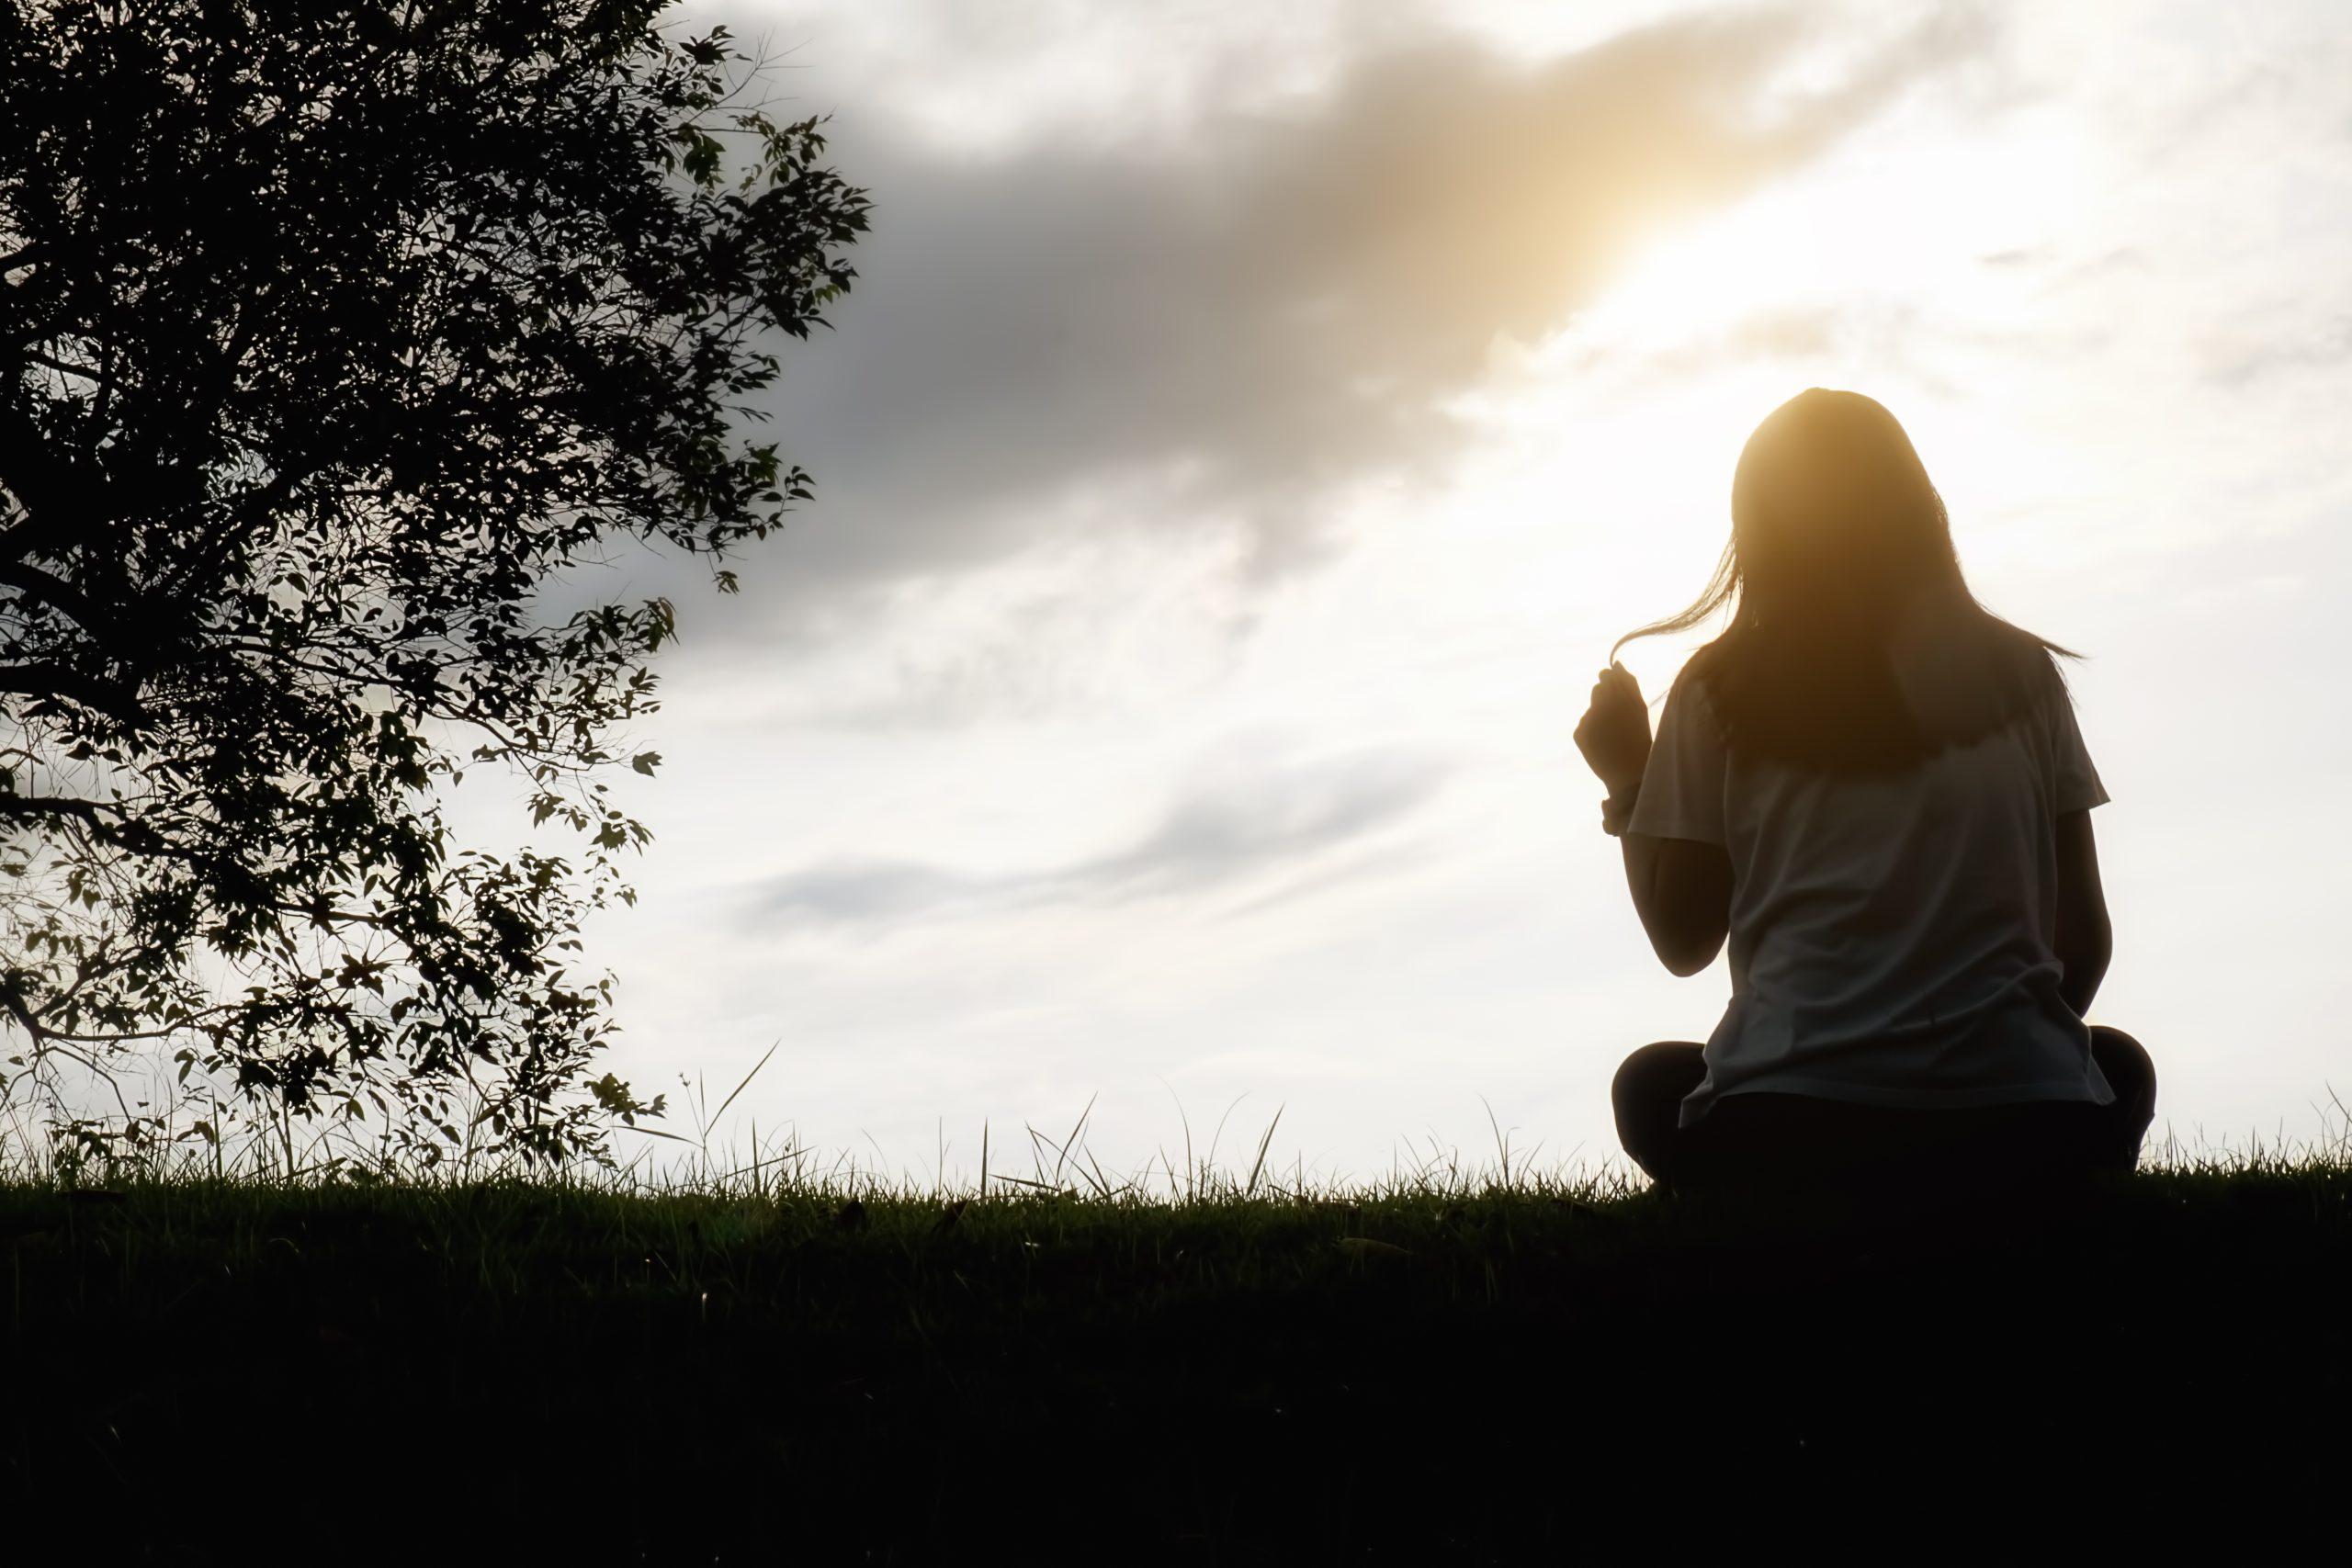 فتاة تجلس في البرية مع غروب الشمس